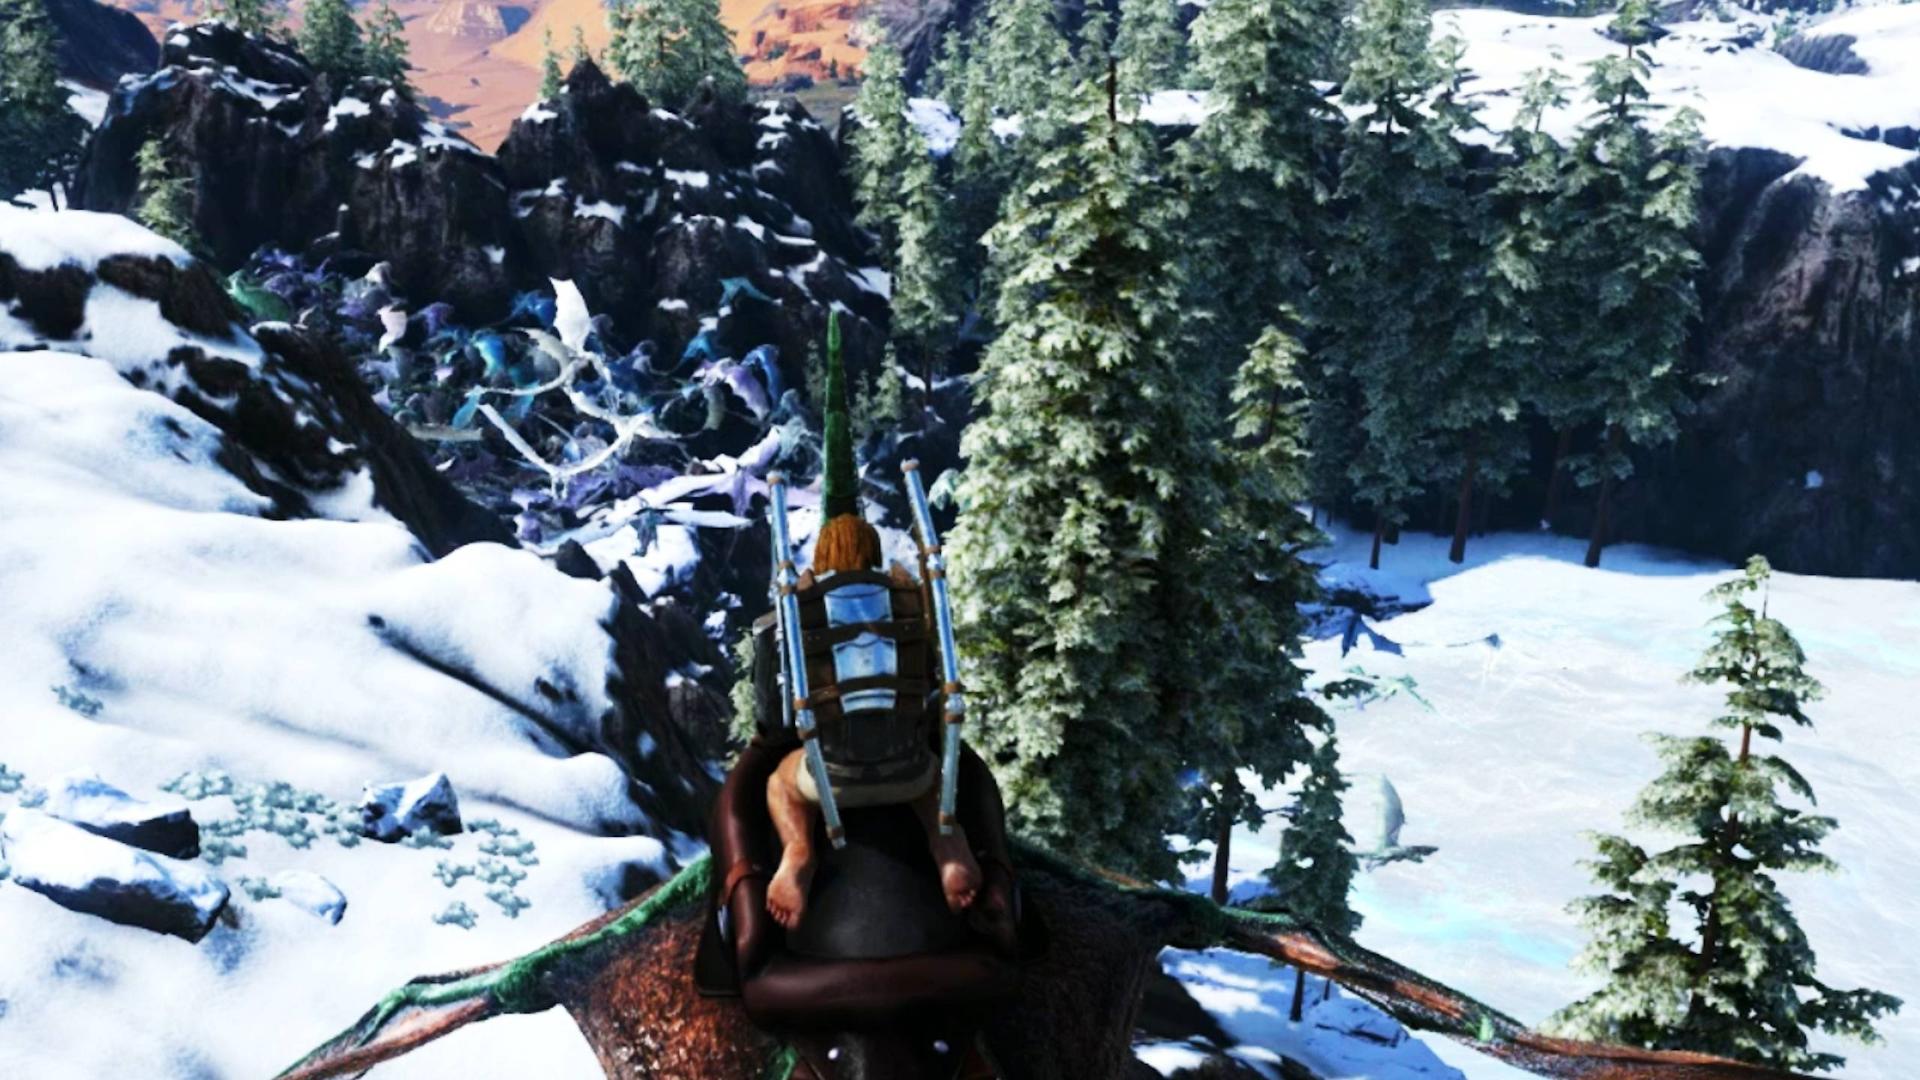 方舟仙境17:我发现了寒冰龙谷,这里有数以万计的飞龙